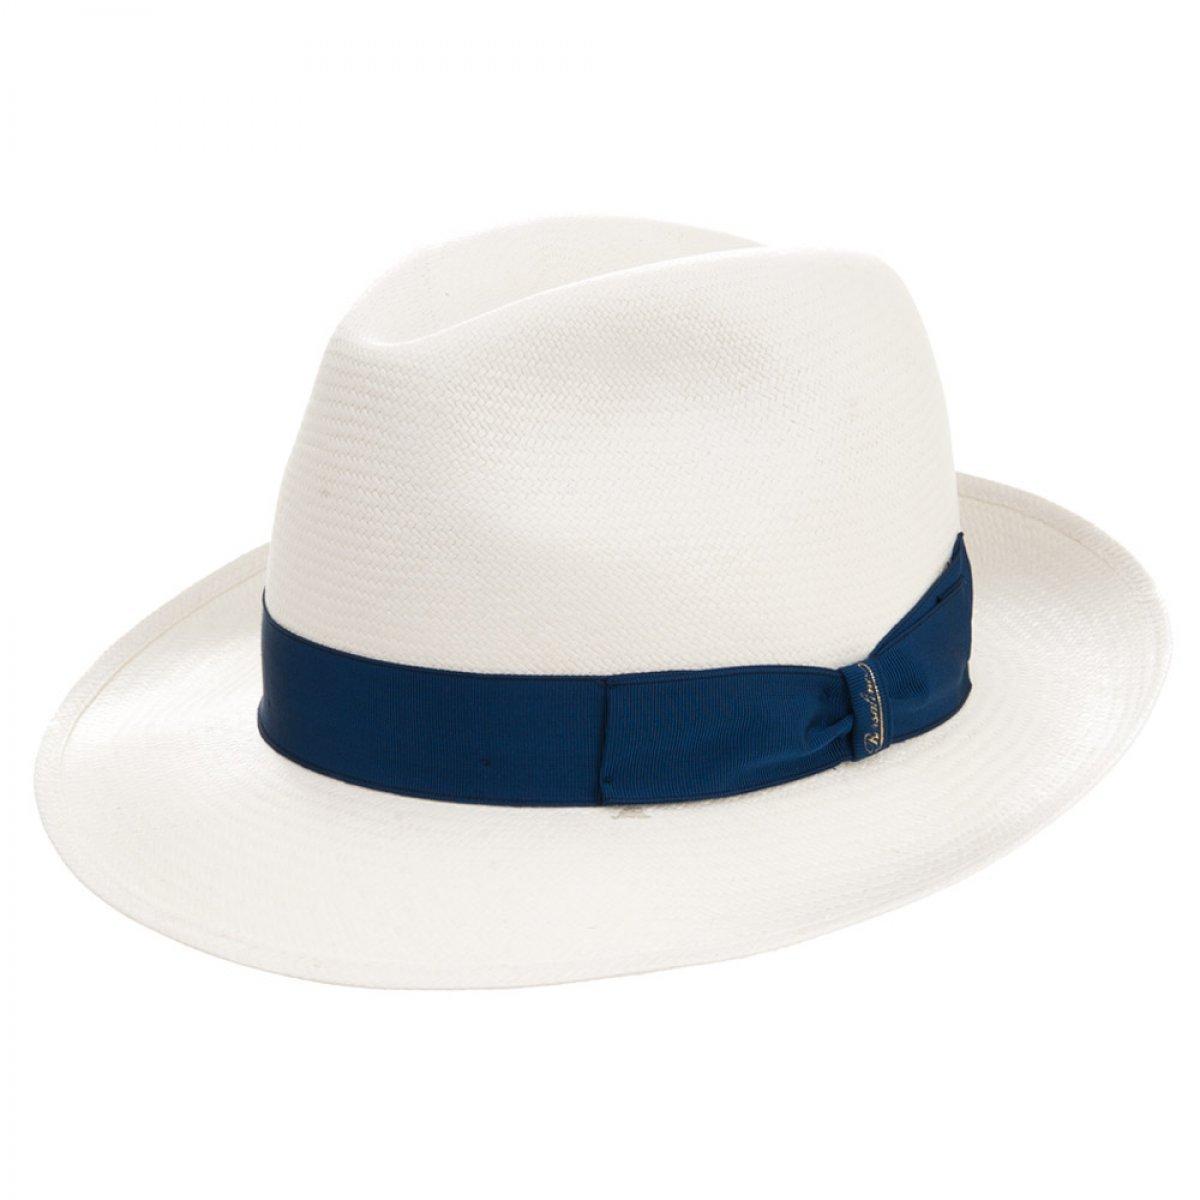 Cappello Panama firmato BORSALINO ... 19818d4bd473